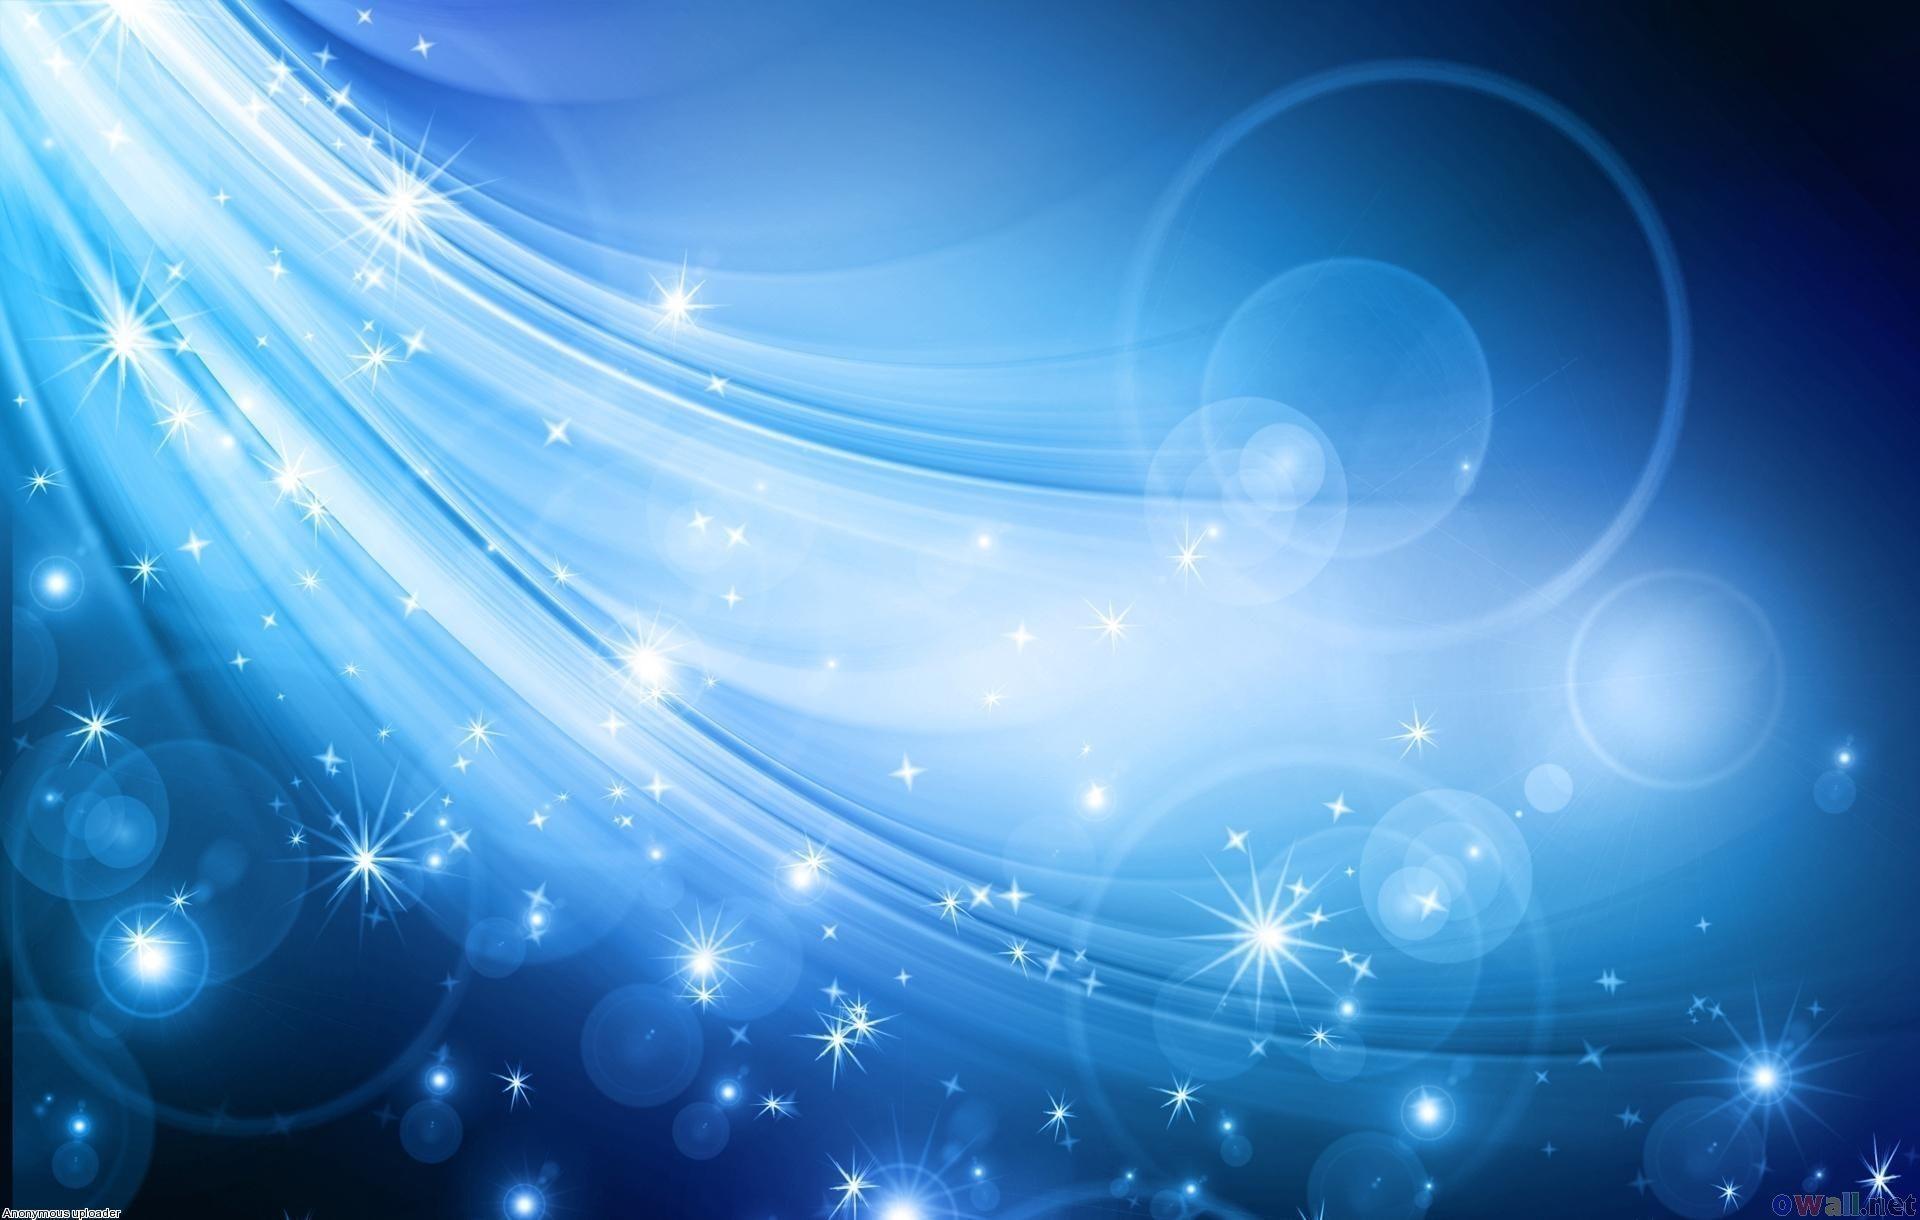 Download Wallpaper High Quality Glitter - 09f1c841519fa7e93a21a5be94de3190  Picture_792966.jpg